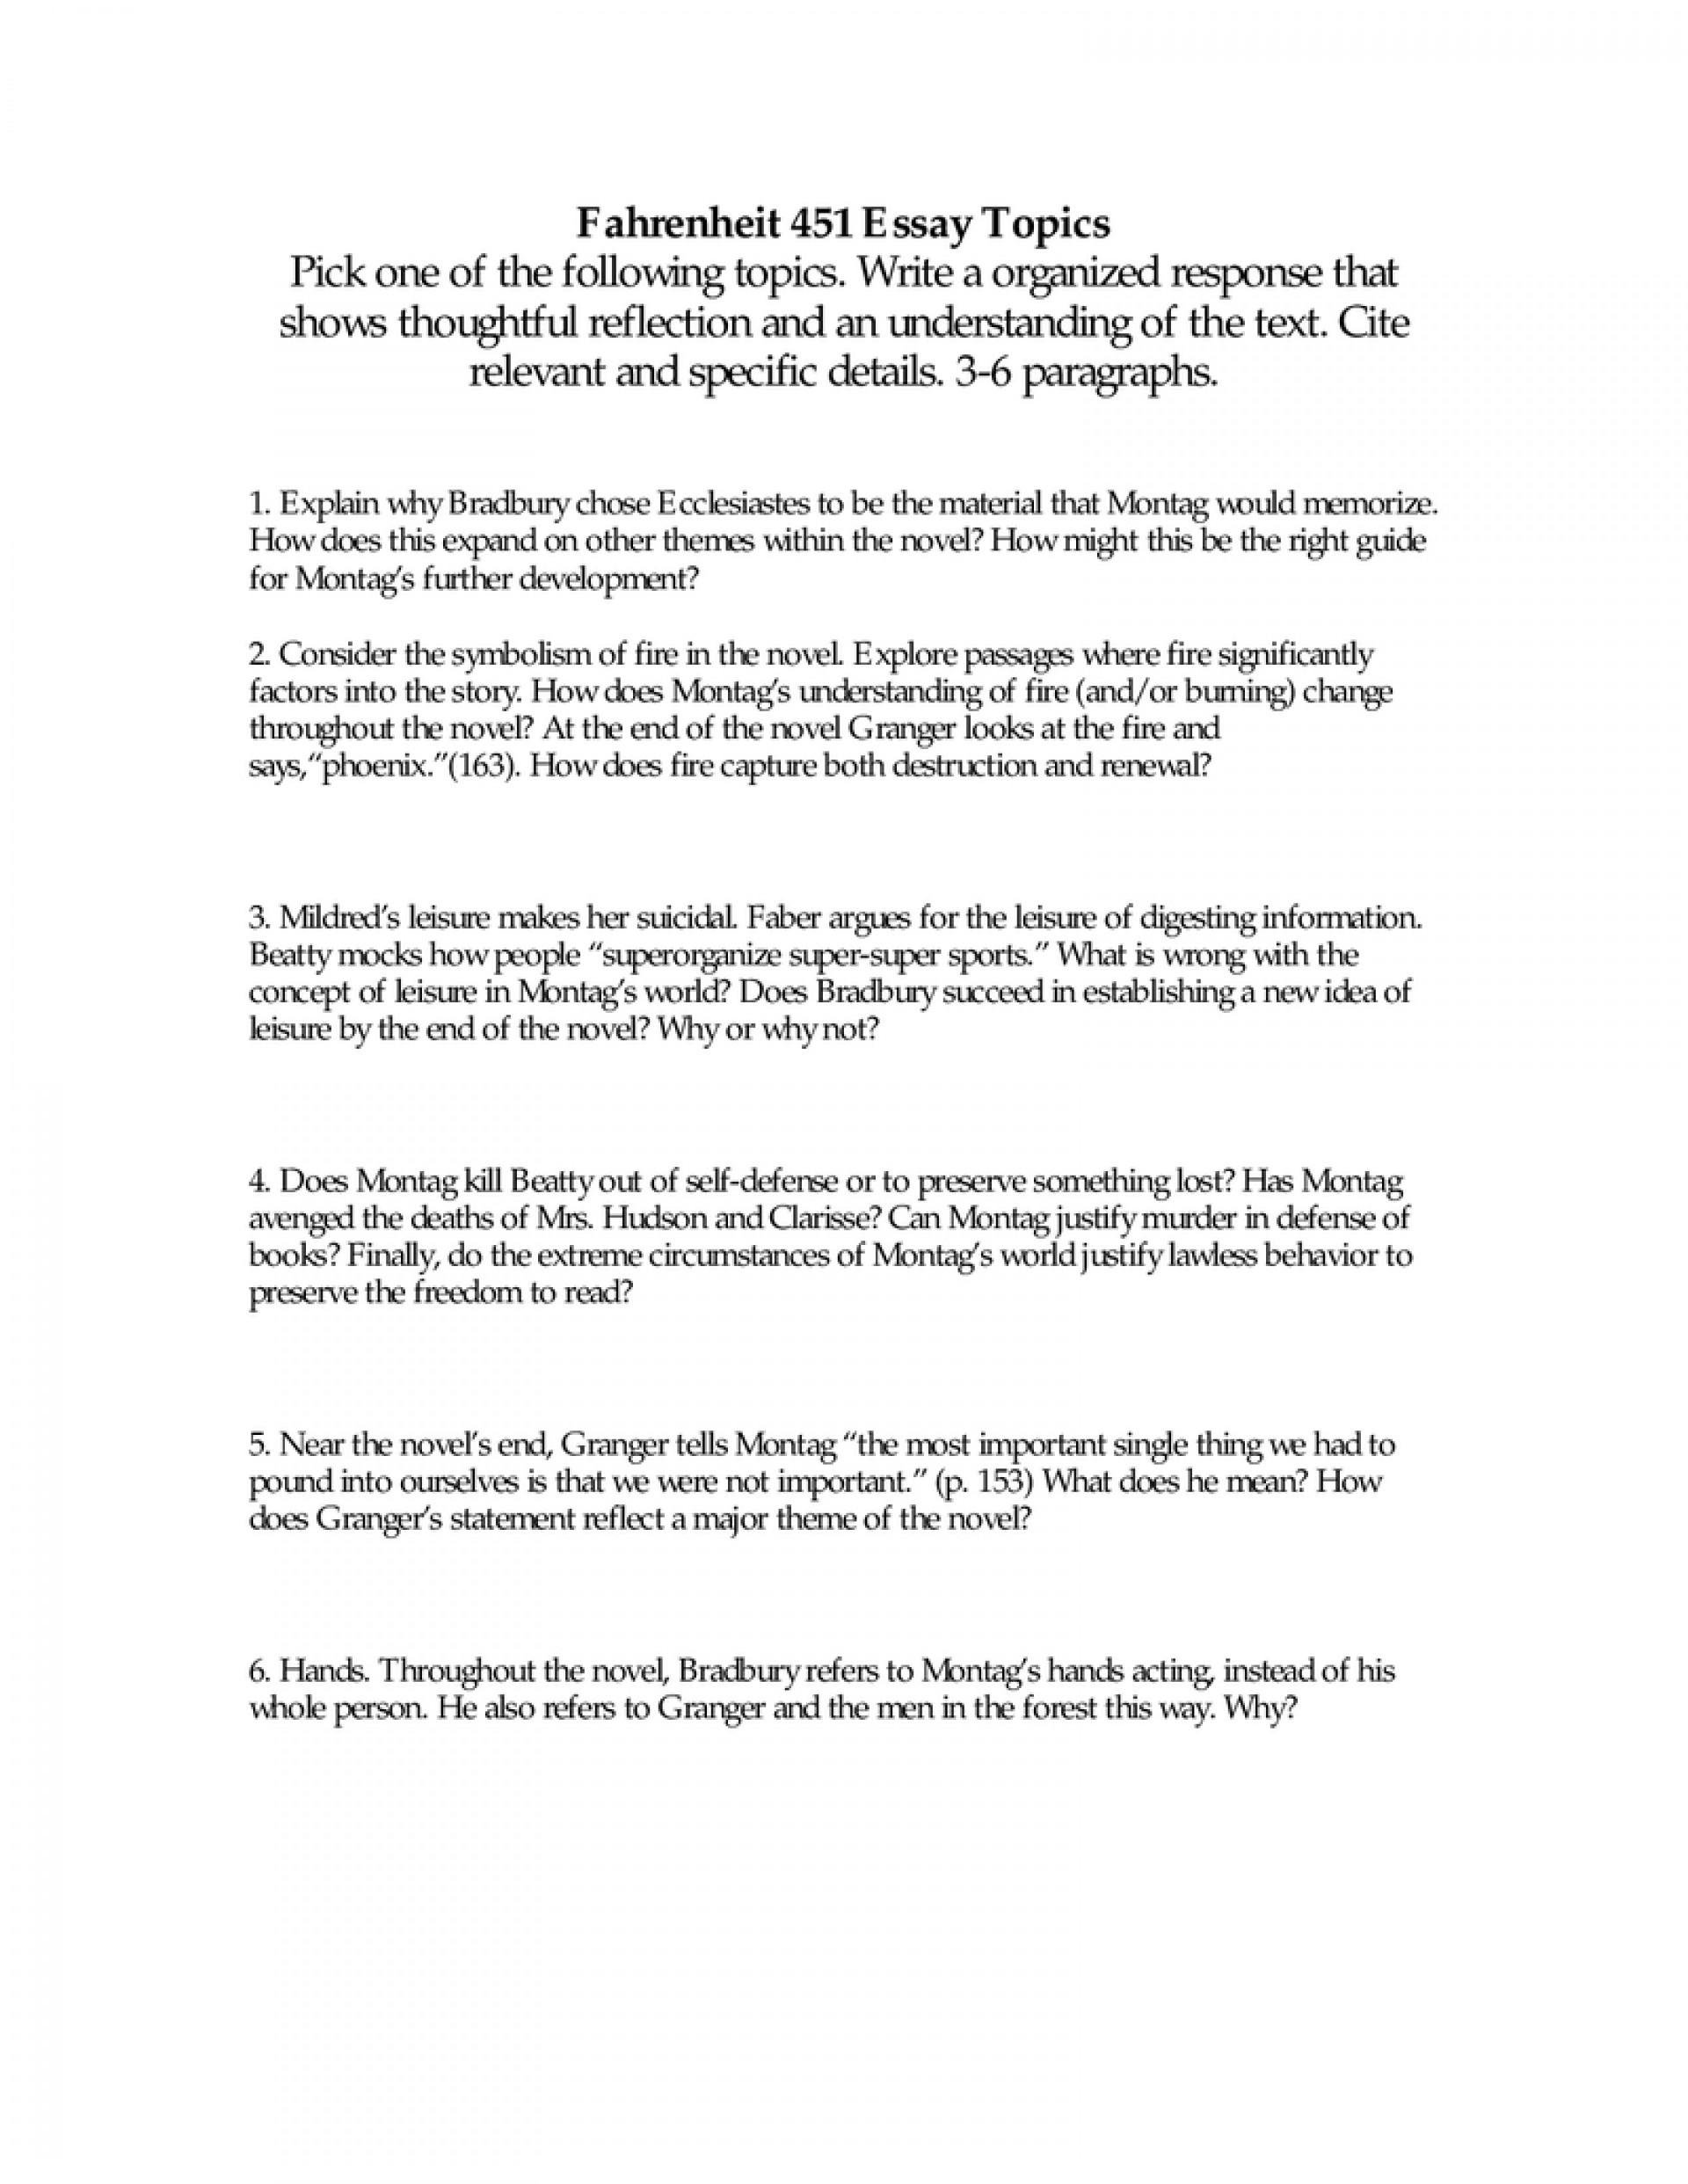 002 Fahrenheit Essay Best 451 Research Paper Topics Prompts Questions Pdf 1920